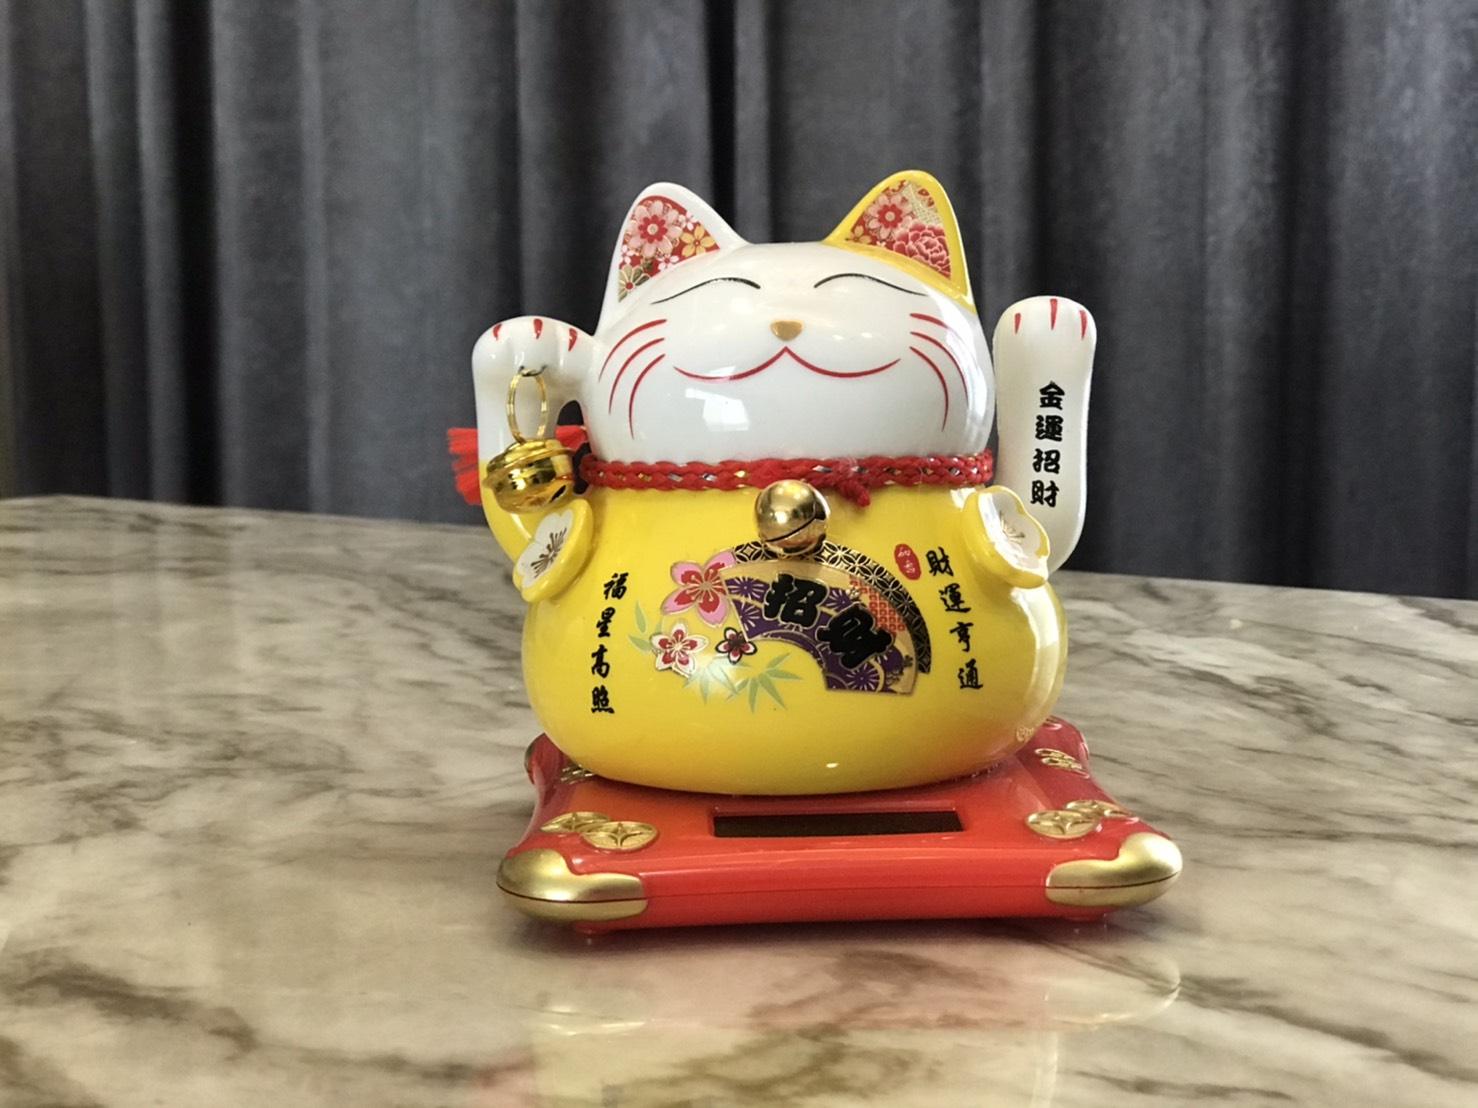 แมวกวัก 4.1